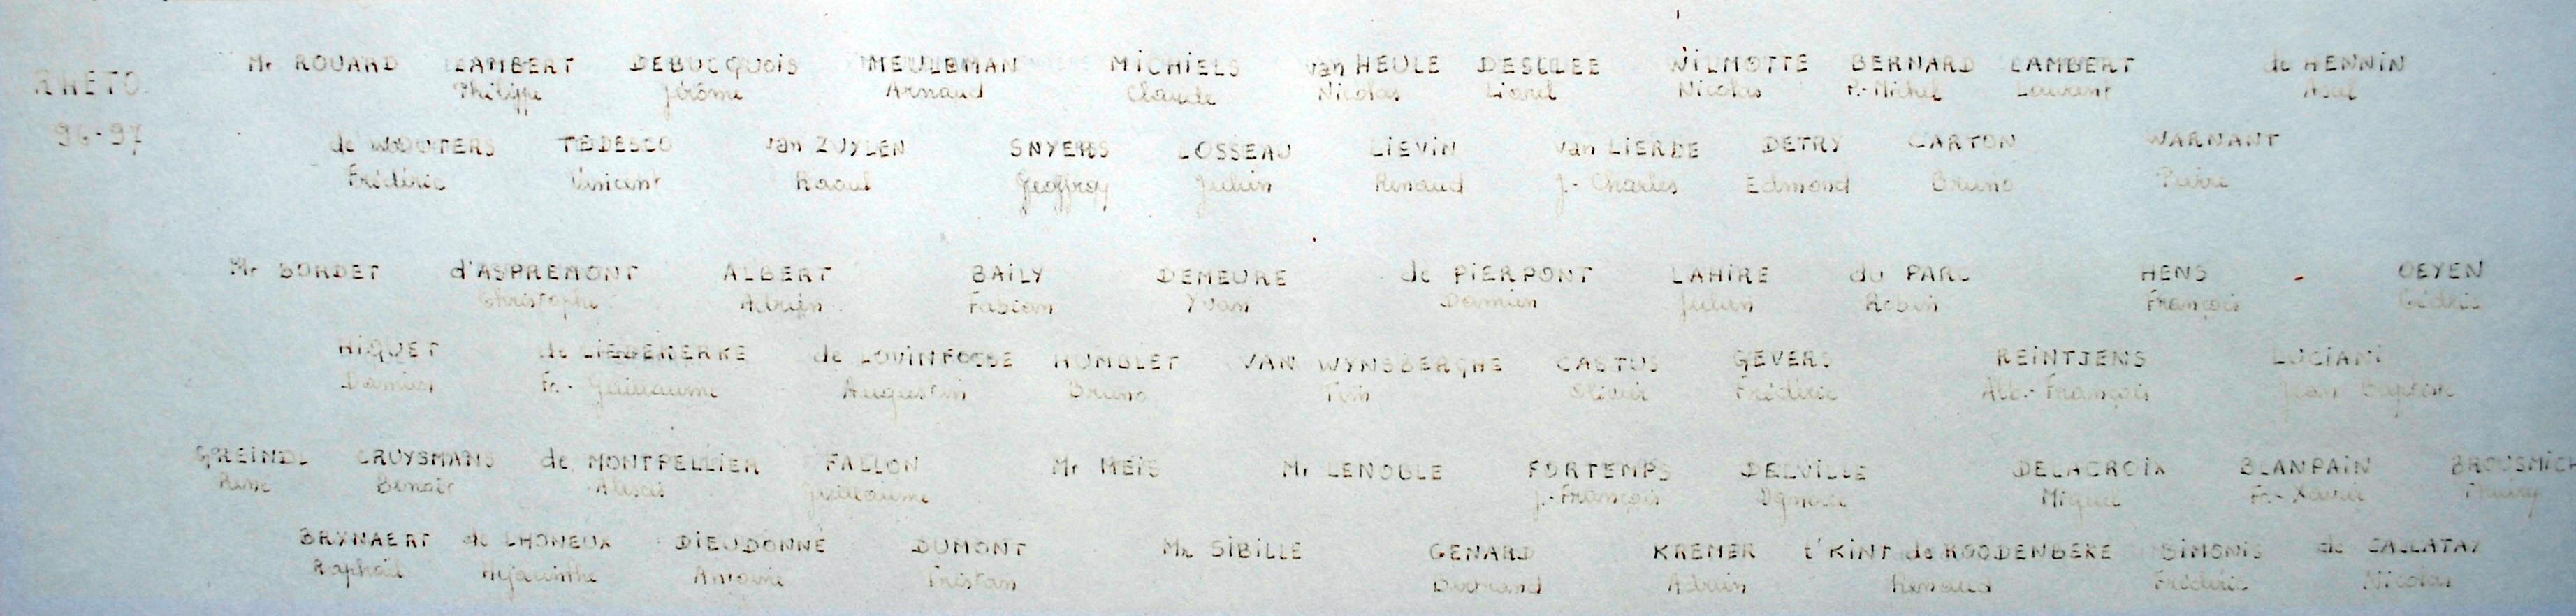 1996-1997'.jpg